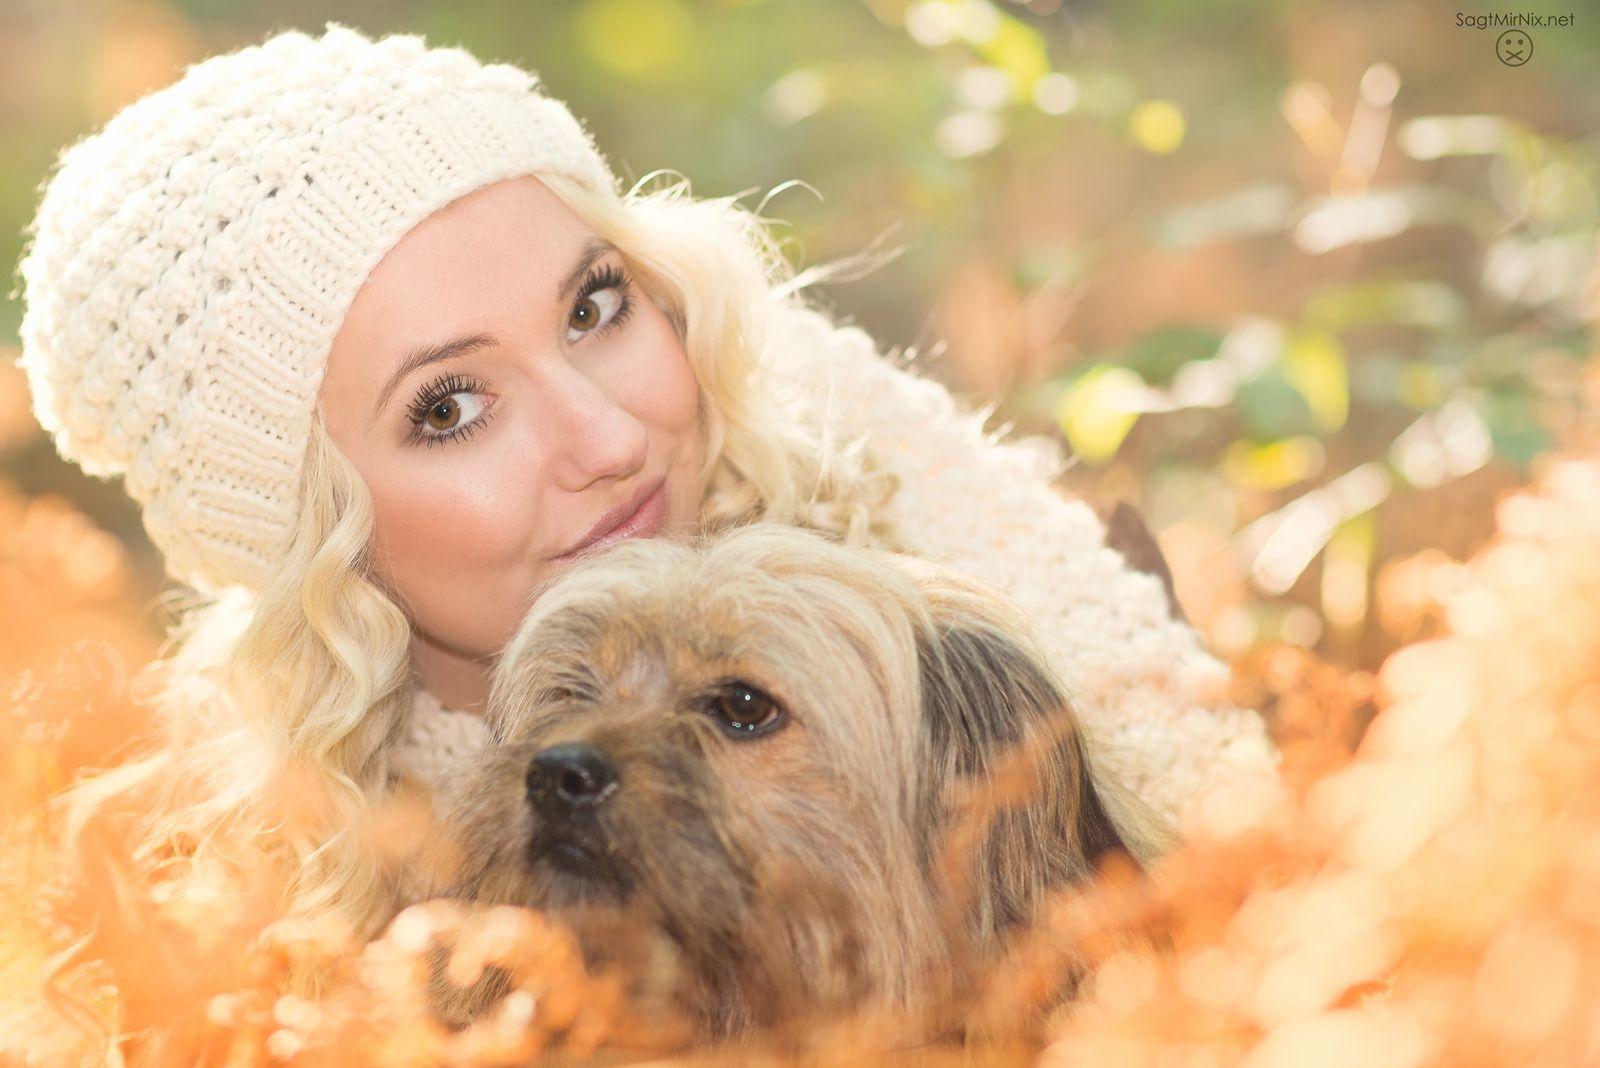 Herbst-Portrait im Gegenlicht: Junge Frau mit Hund im Wald